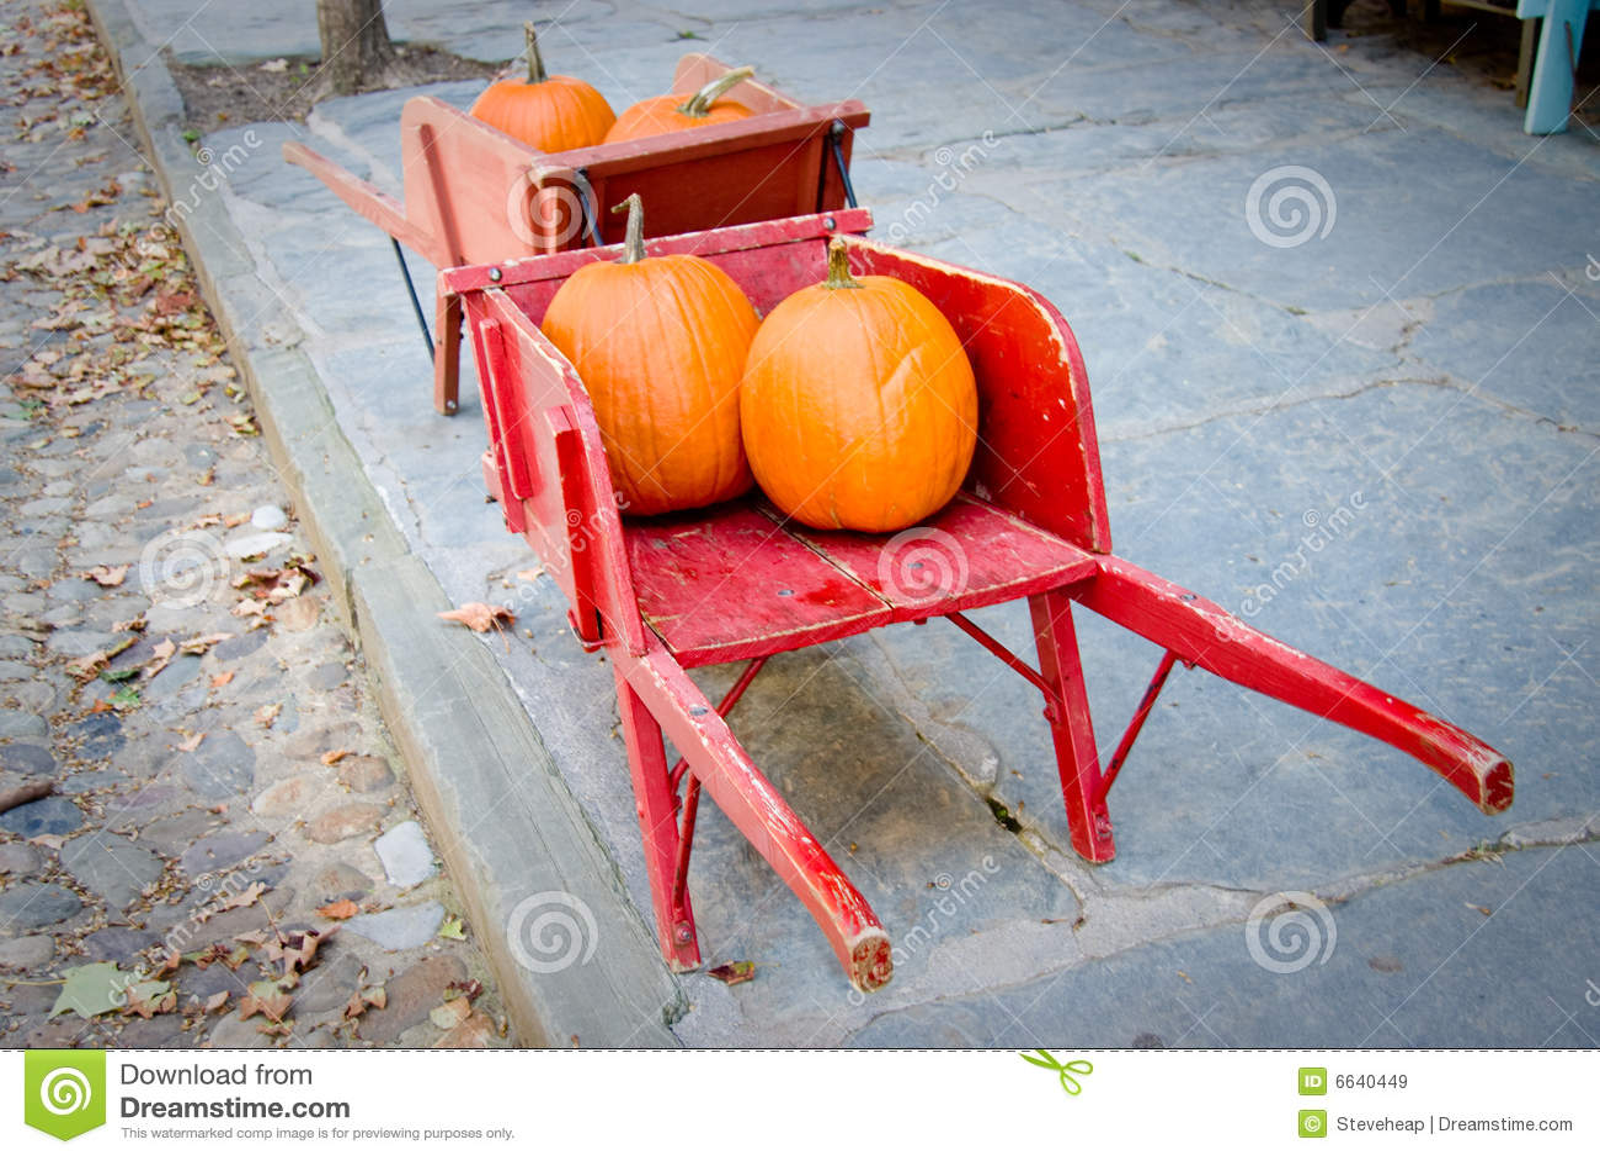 Pumpkins in red barrow